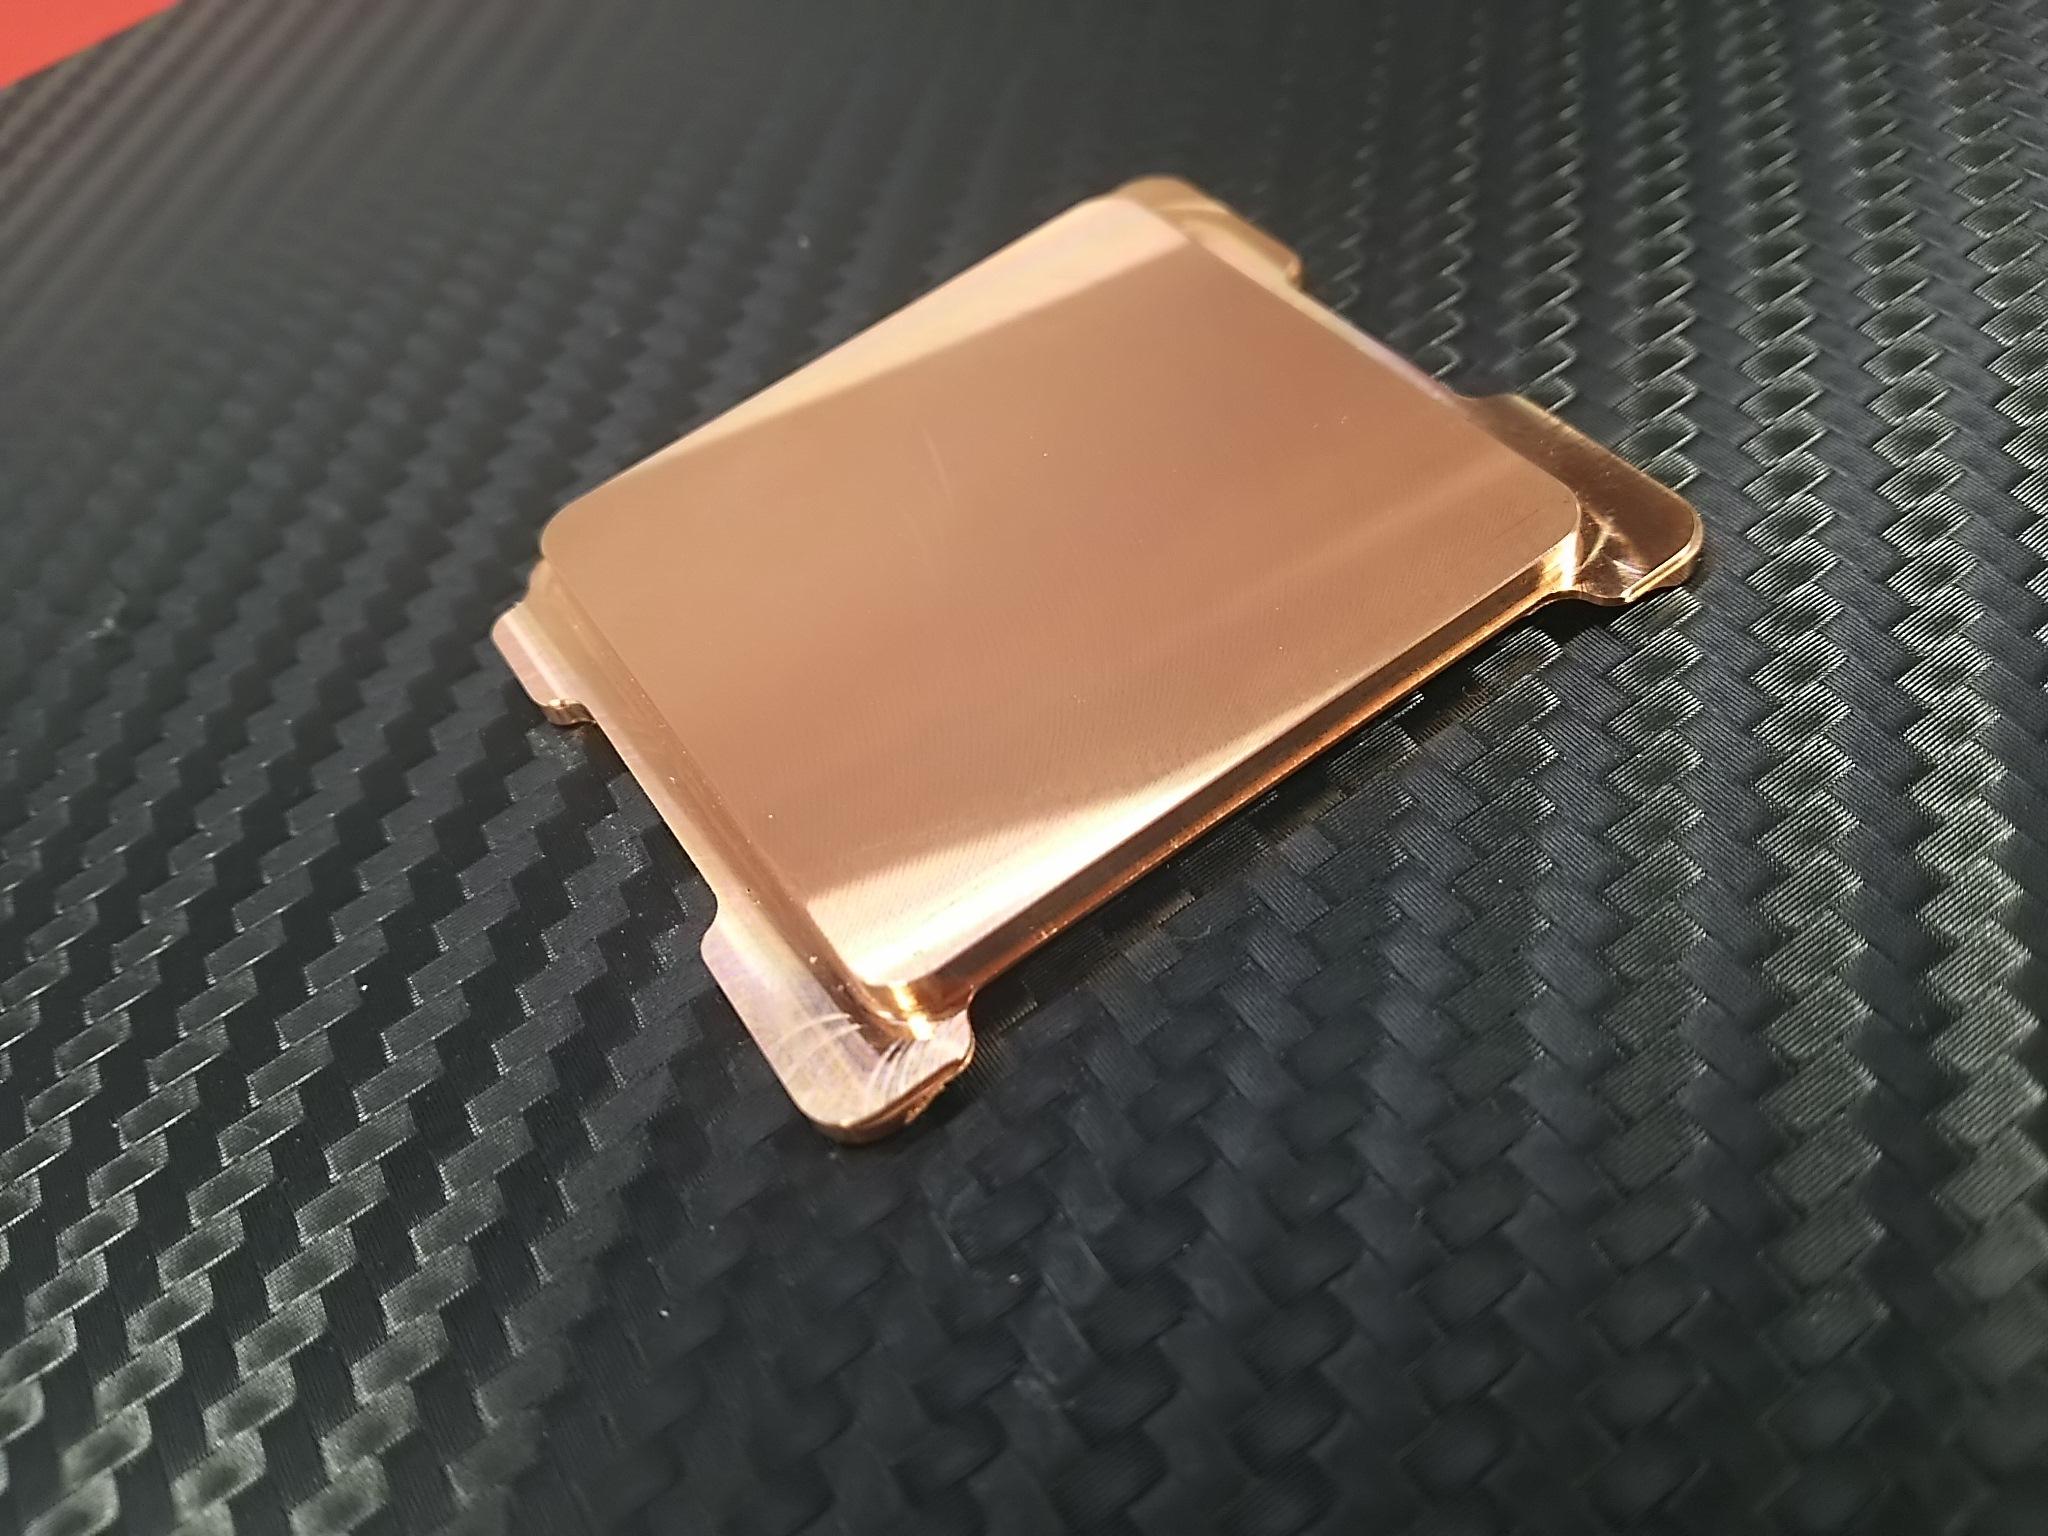 ROCKITCOOL Copper IHS for LGA 2066